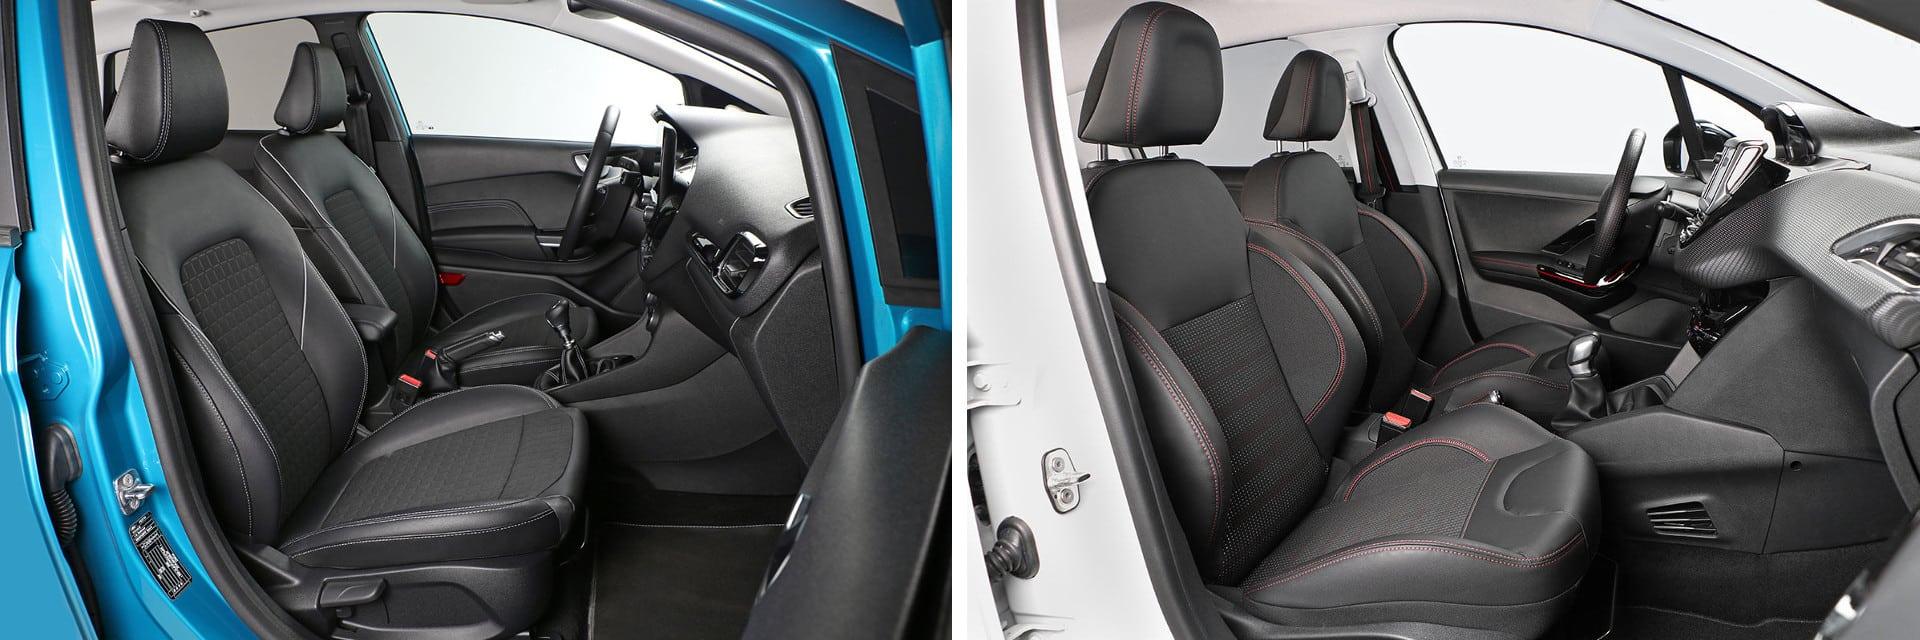 Los asientos delanteros del Ford Fiesta al igual que el volante, puedan ser calefactables por 450 euros. Una opción no disponible en el Peugeot 208.